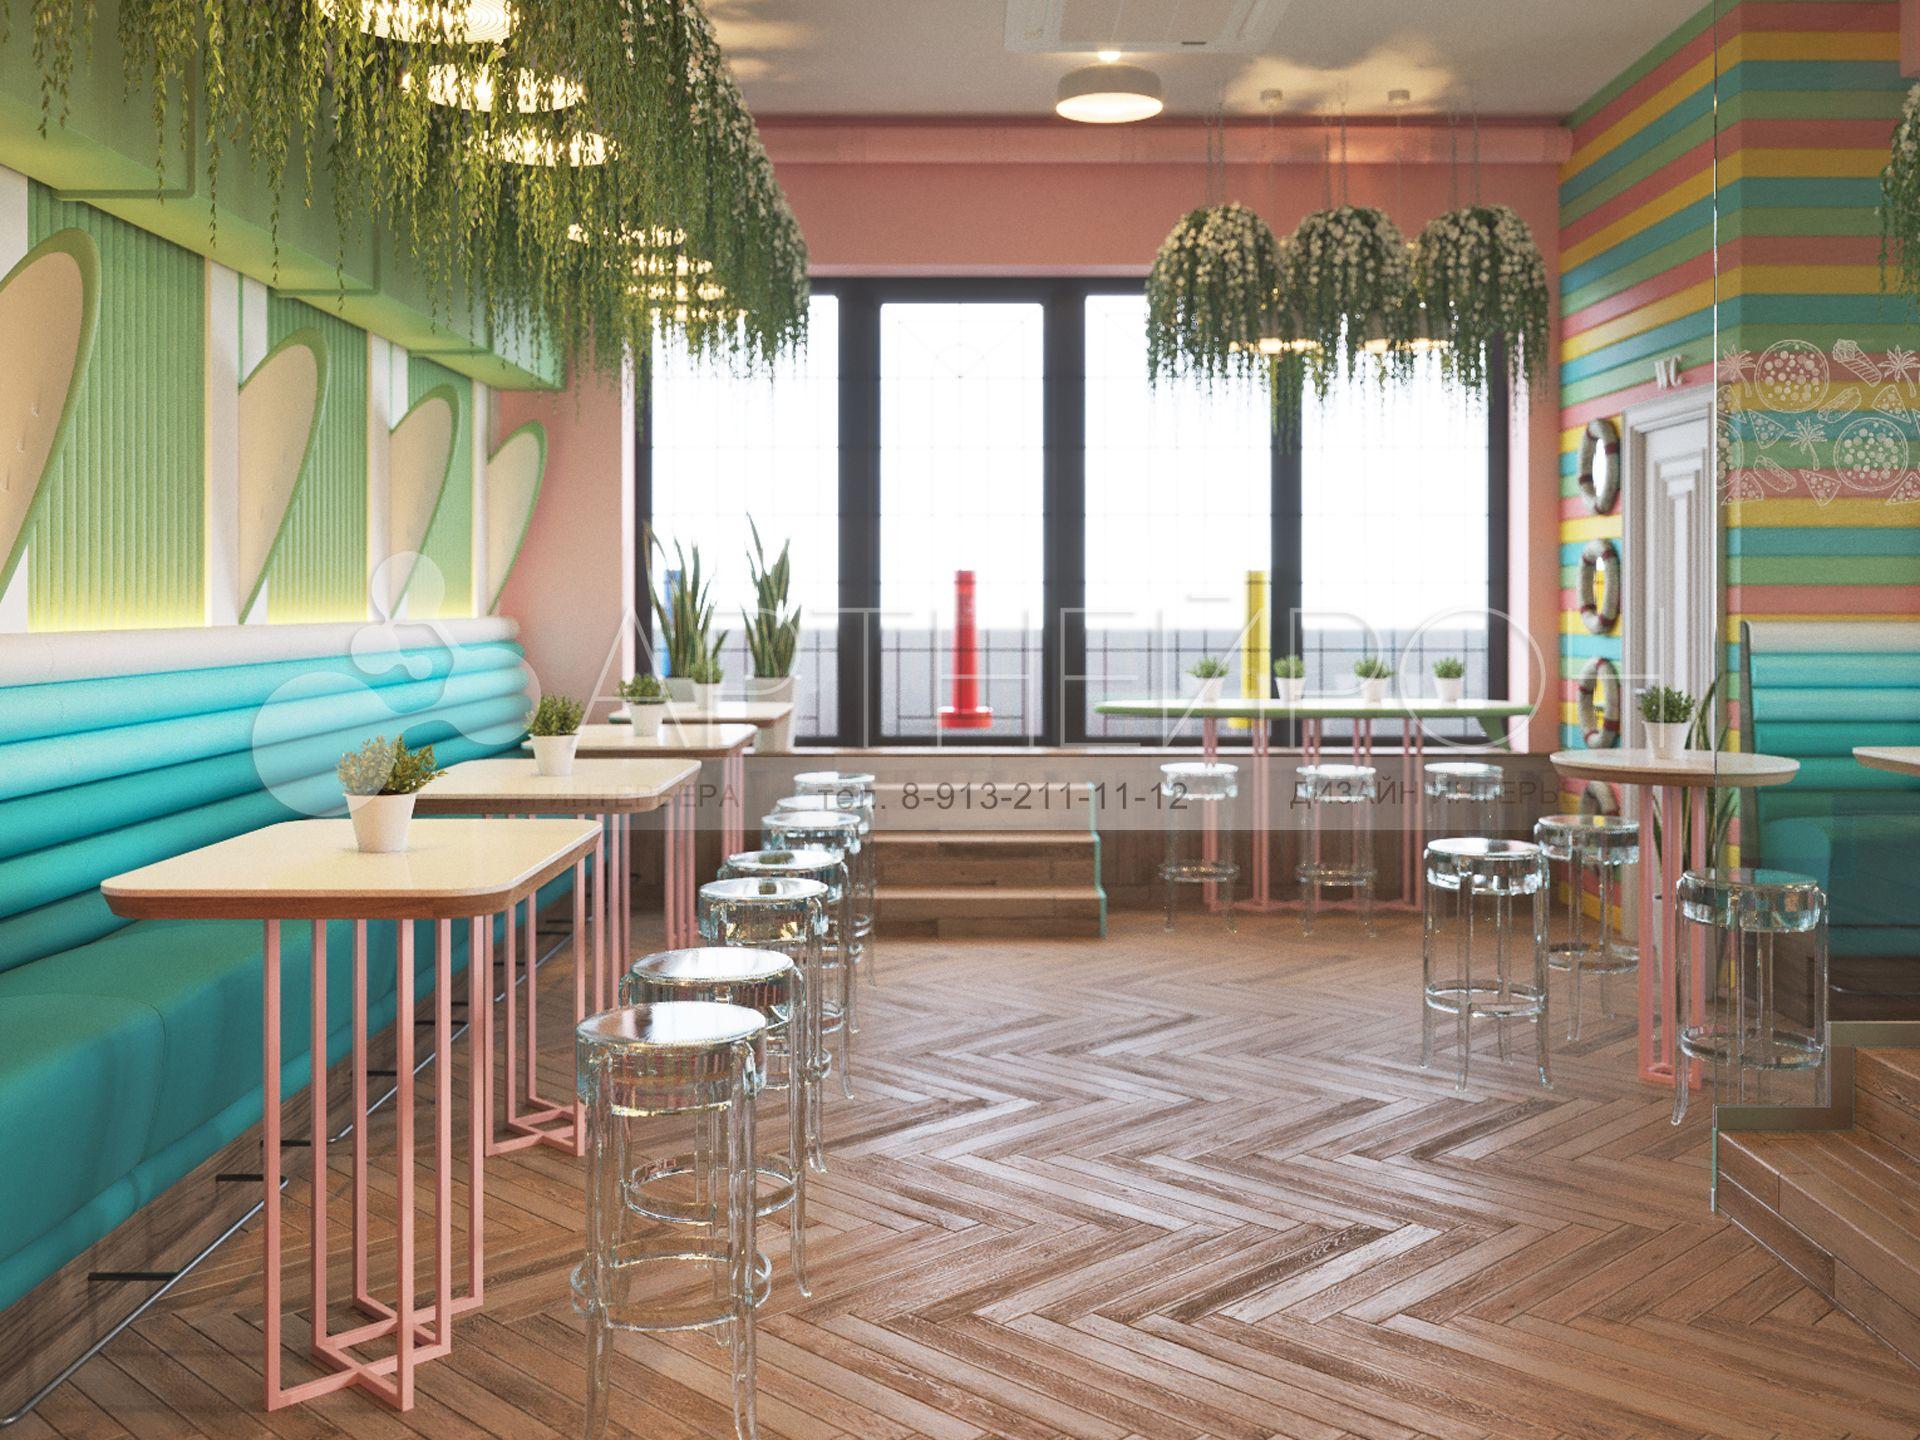 Дизайн интерьера и экстерьера MIAMI Pizza в Новосибирске